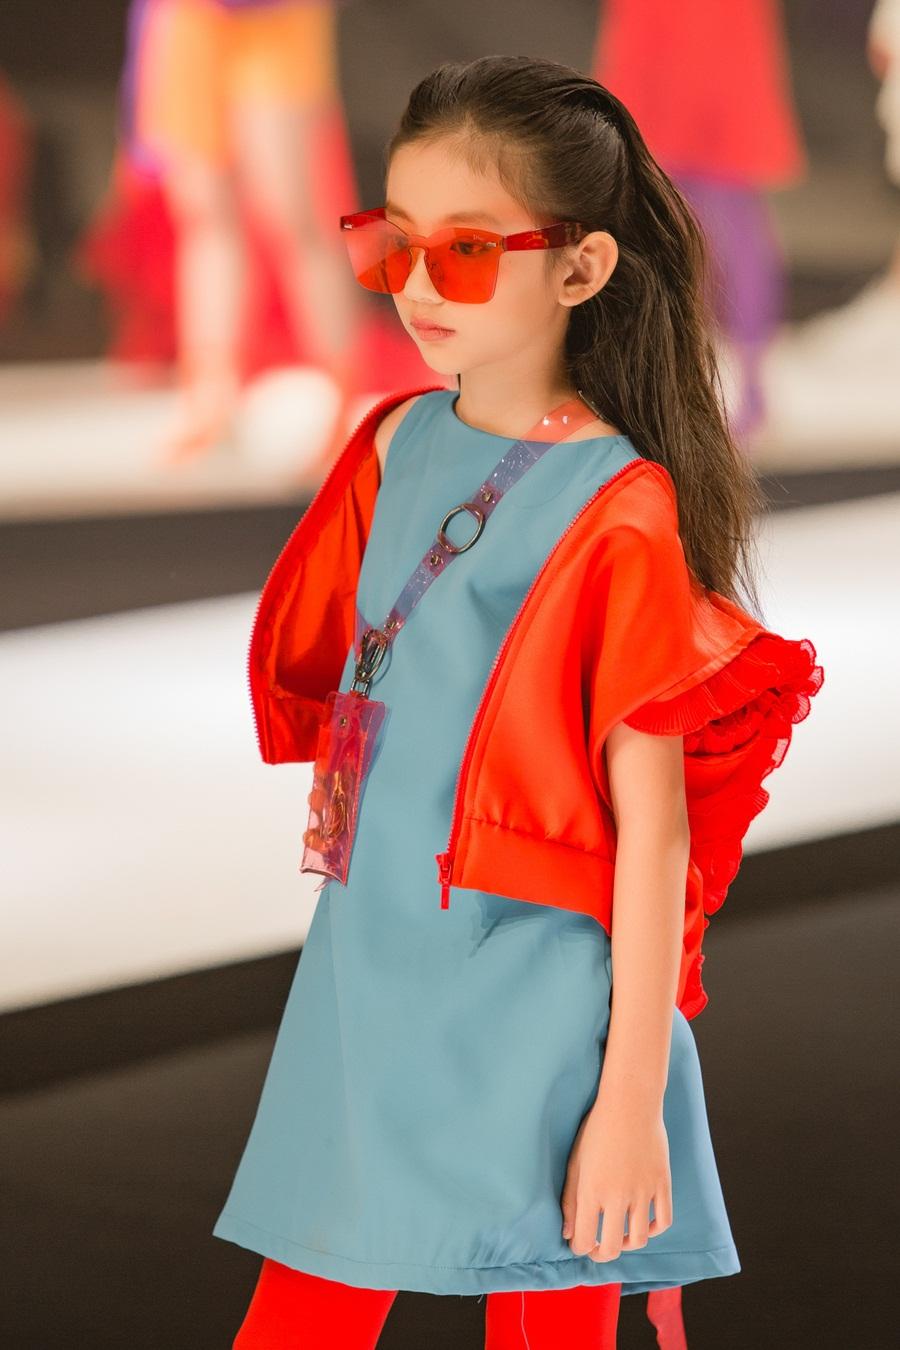 Con gái nhà sao Việt thừa hưởng nhan sắc từ bố mẹ, dự đoán là hoa hậu tương lai - Ảnh 12